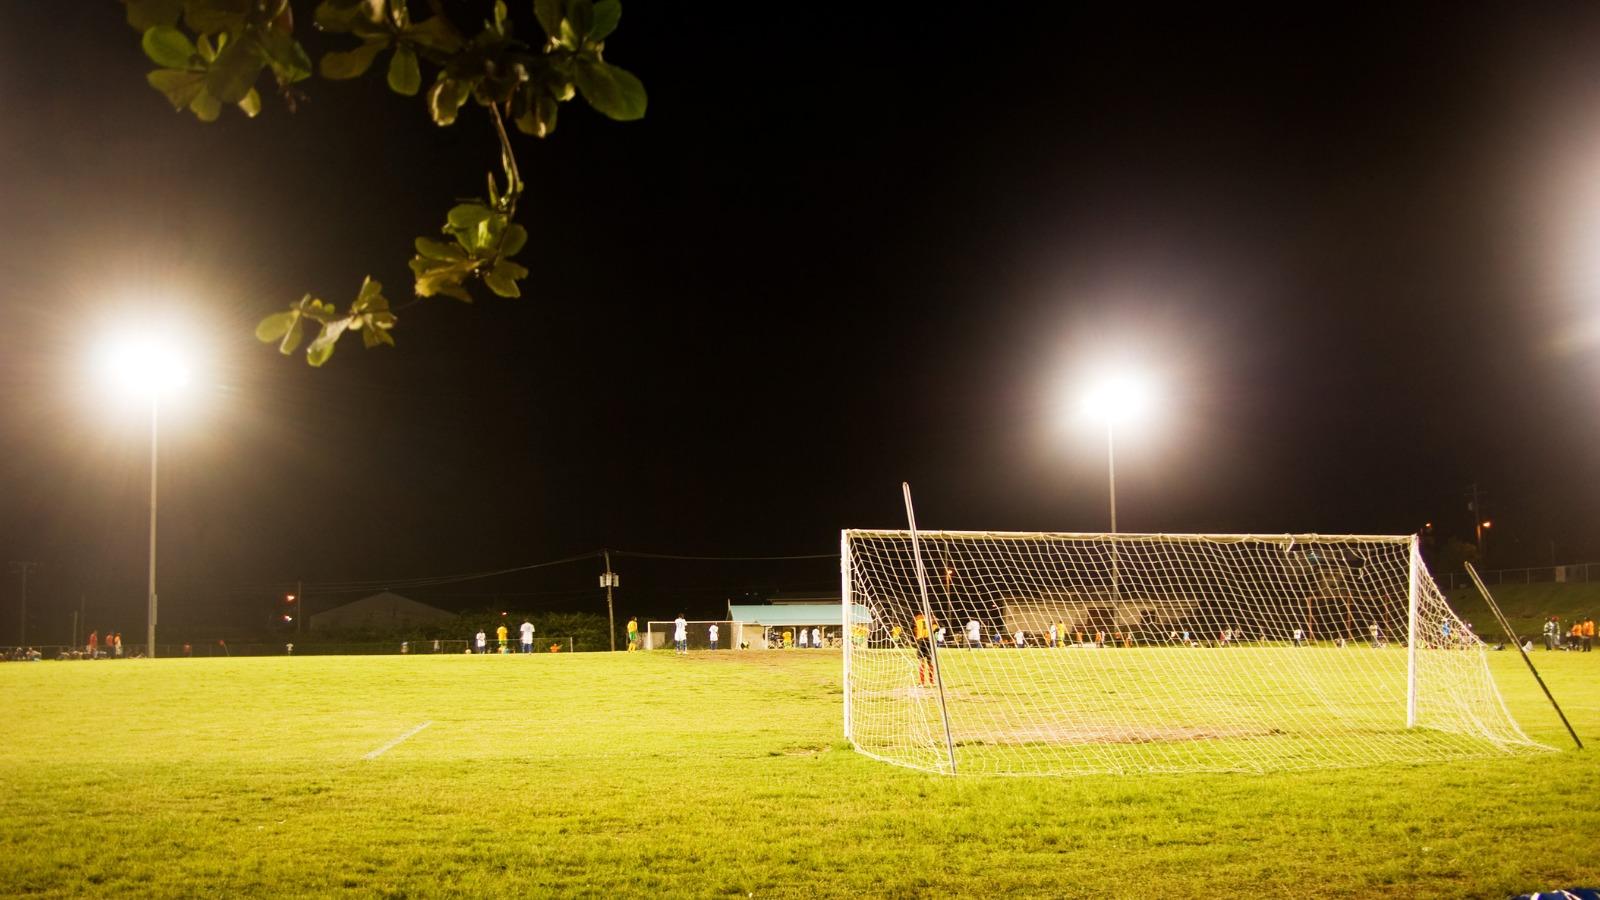 感覚過敏があるとサッカー練習場のライトが眩しい